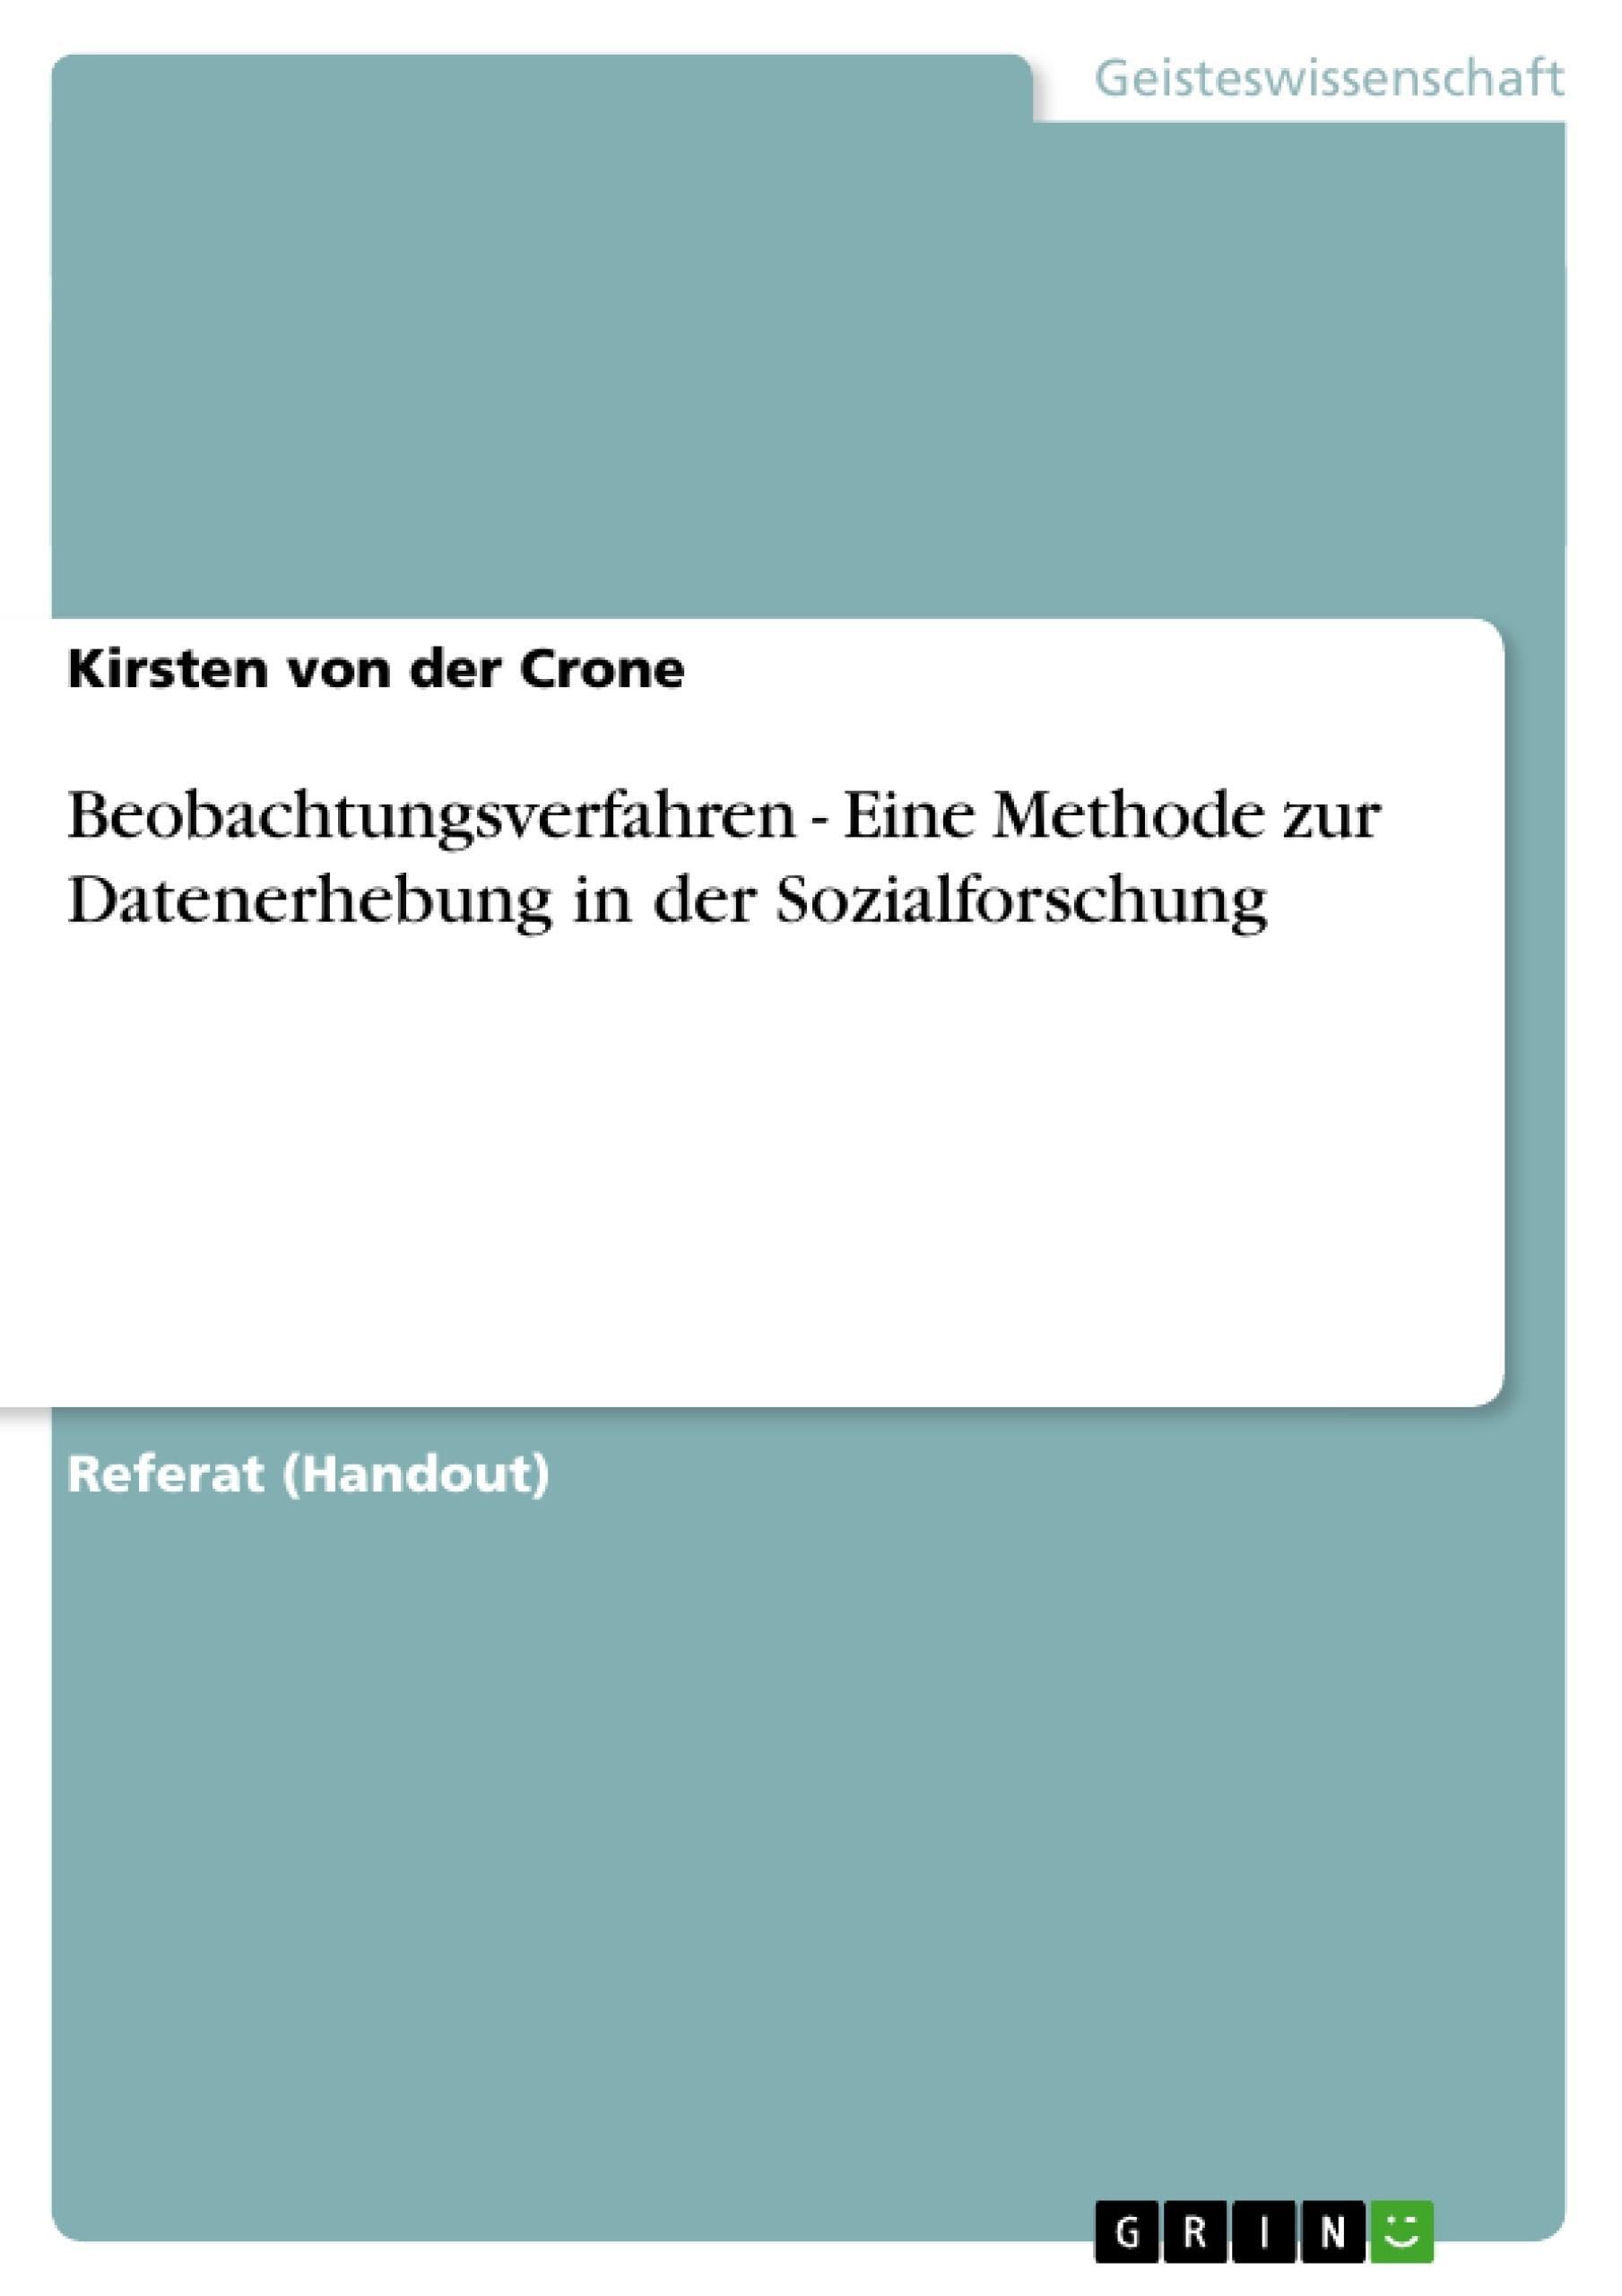 Titel: Beobachtungsverfahren - Eine Methode zur Datenerhebung in der Sozialforschung